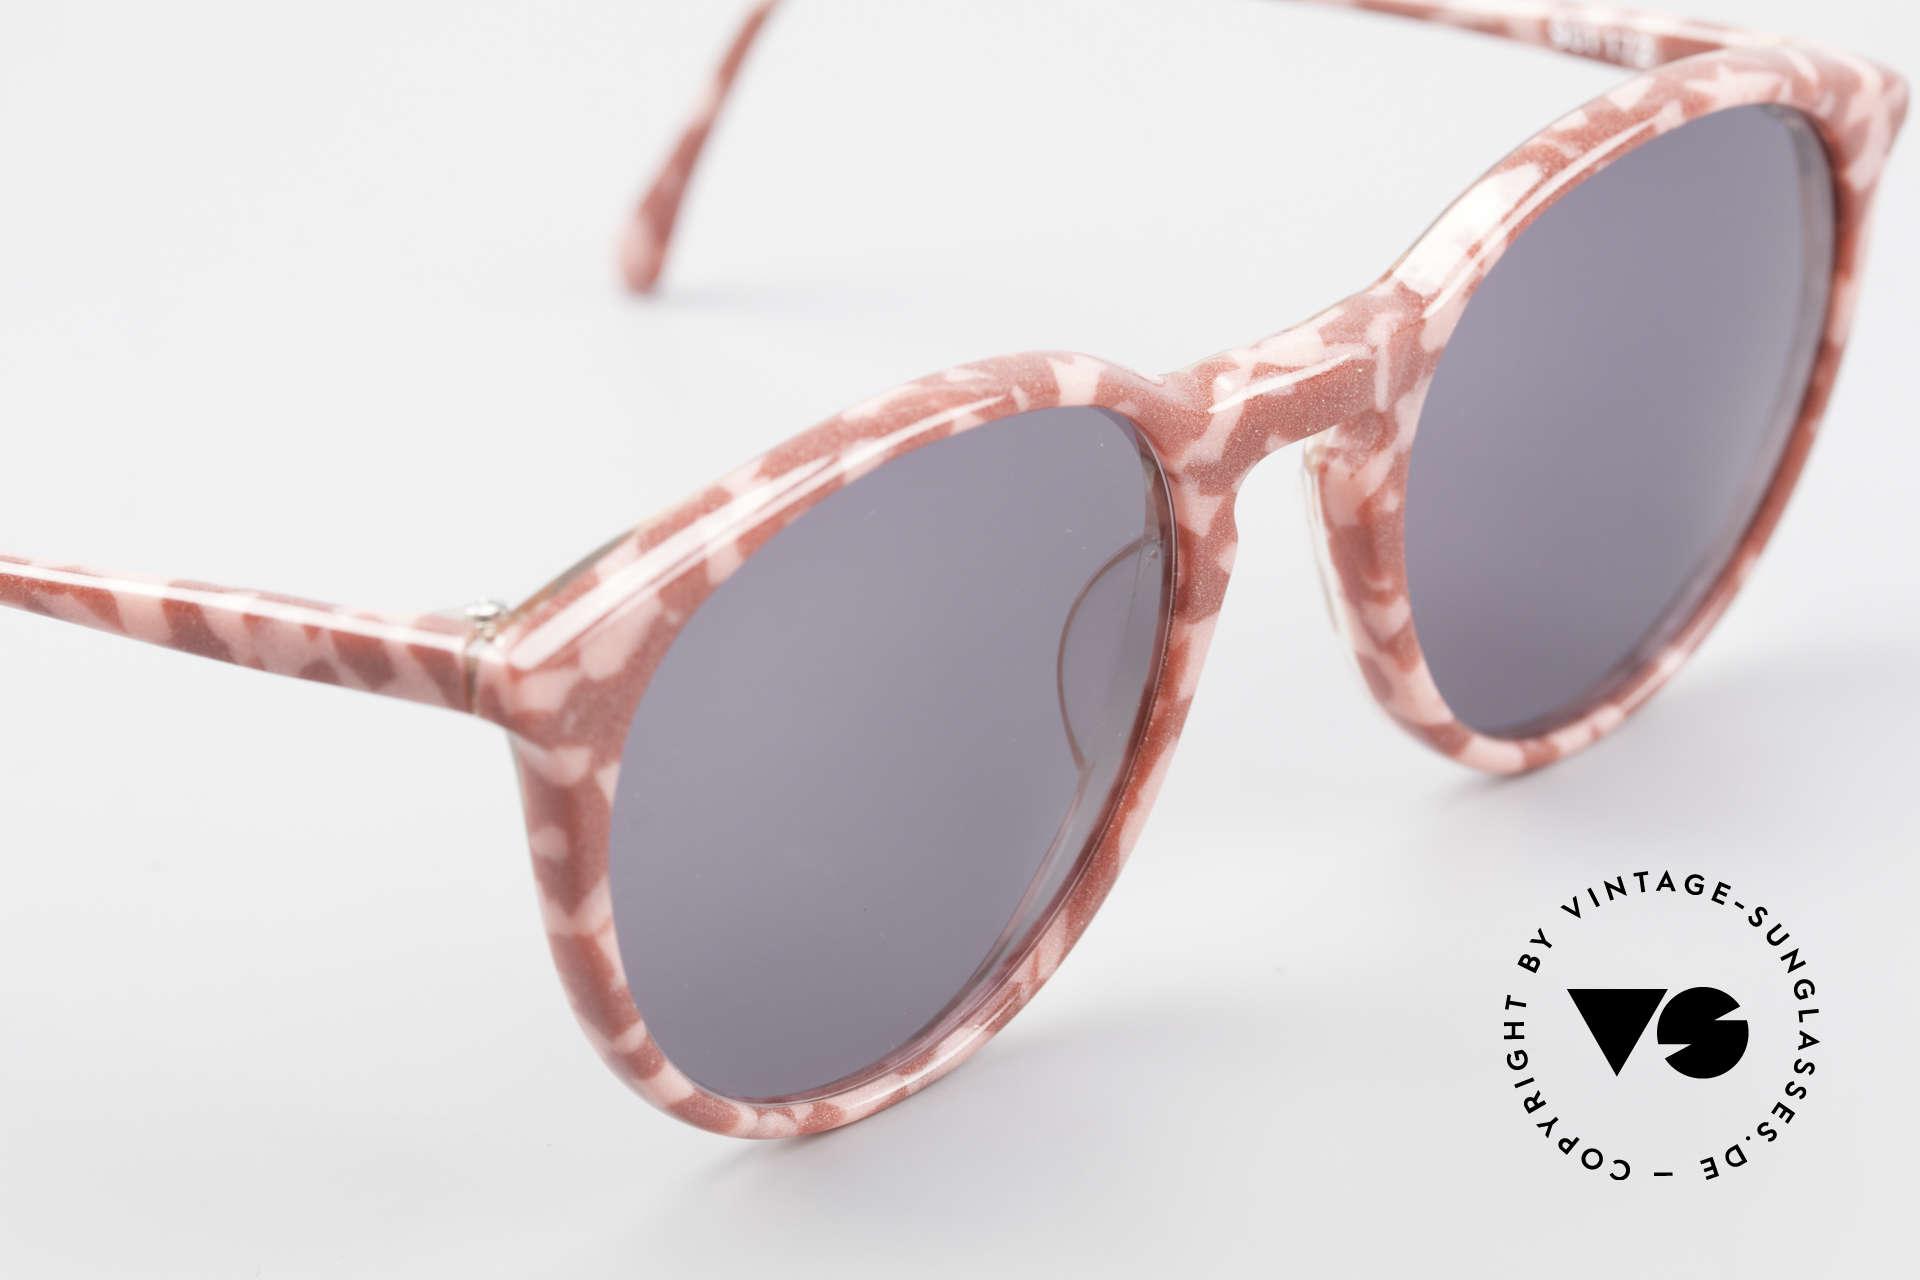 Alain Mikli 901 / 172 Sonnenbrille Rot Pink Marmor, ungetragen (wie alle unsere 1980er vintage Brillen), Passend für Damen